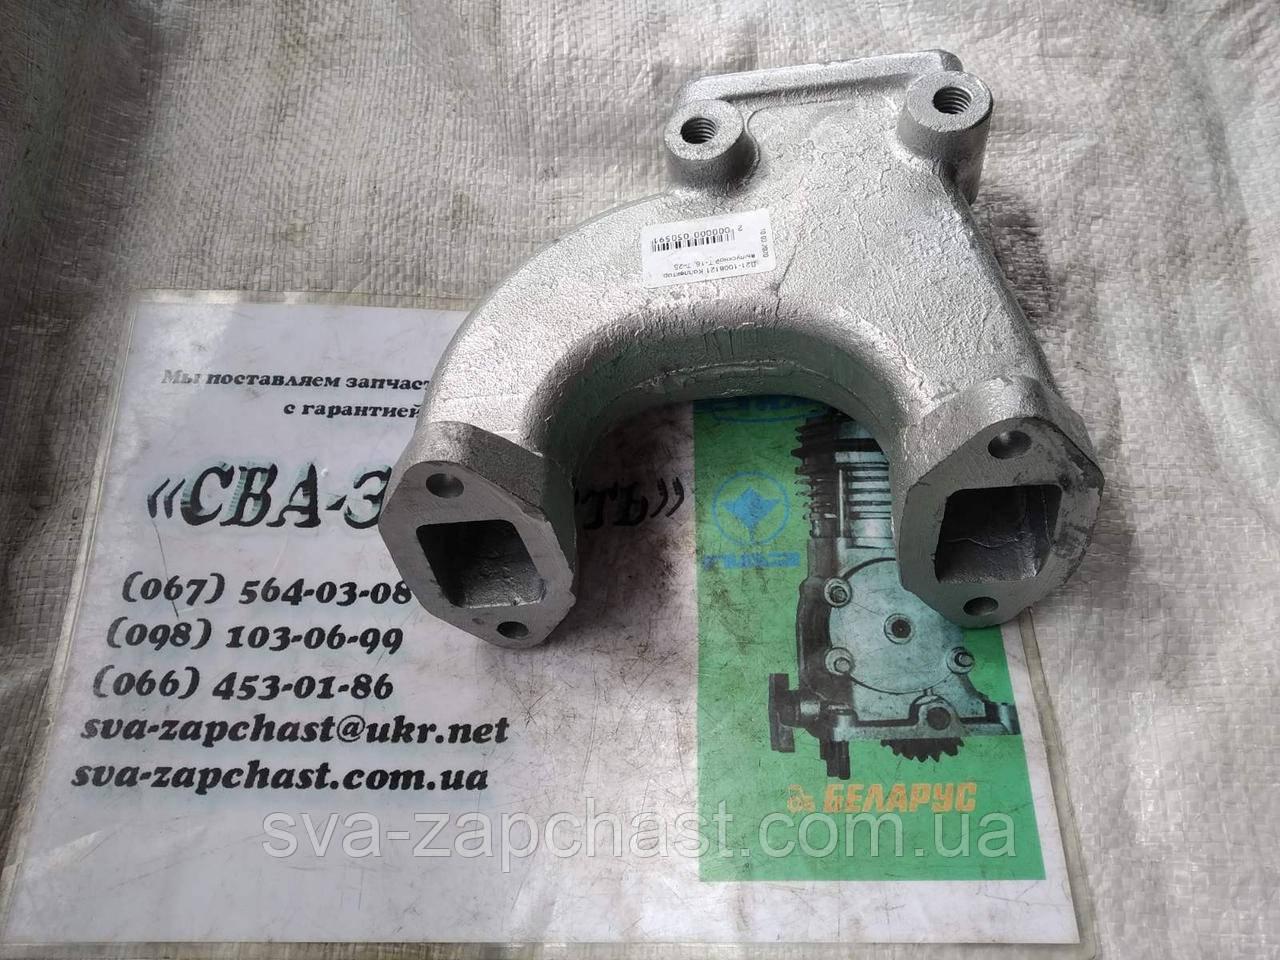 Коллектор выпускной Т25 Т-16 Д21-1008121